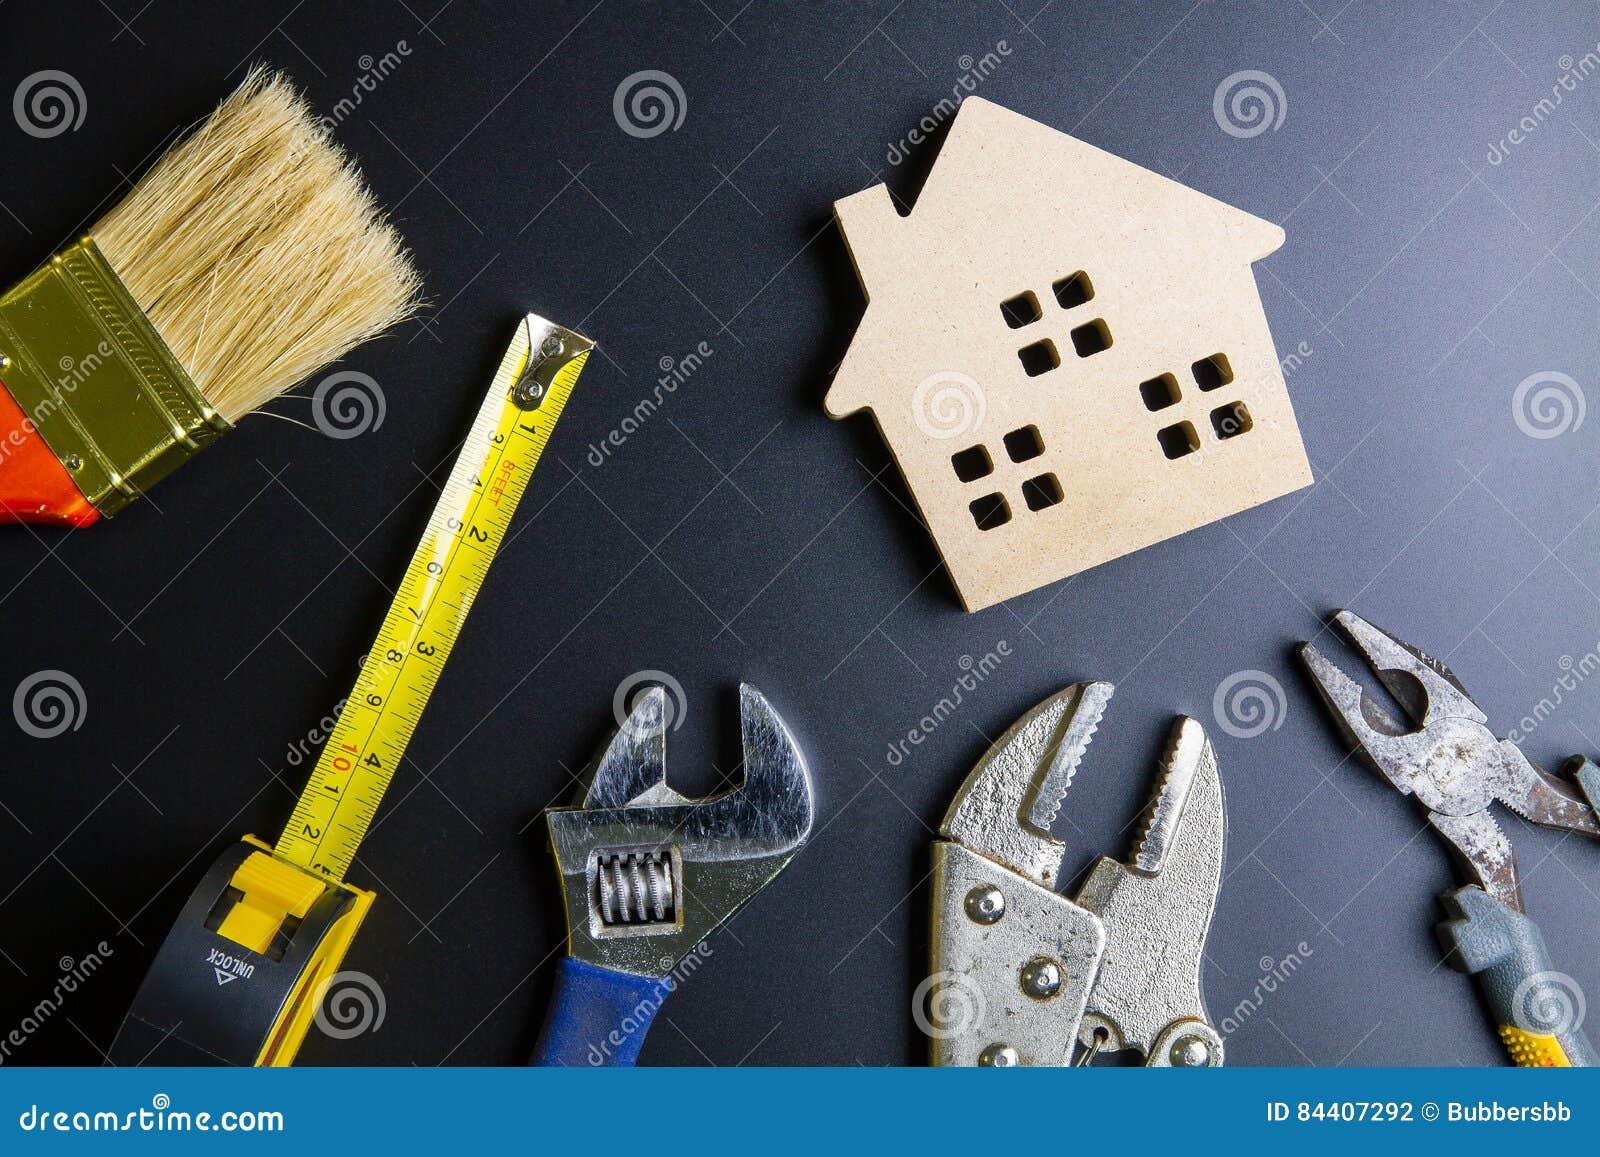 5809c78012a9 Ξύλινα εργαλεία παιχνιδιών και κατασκευής σπιτιών στο μαύρο υπόβαθρο ...